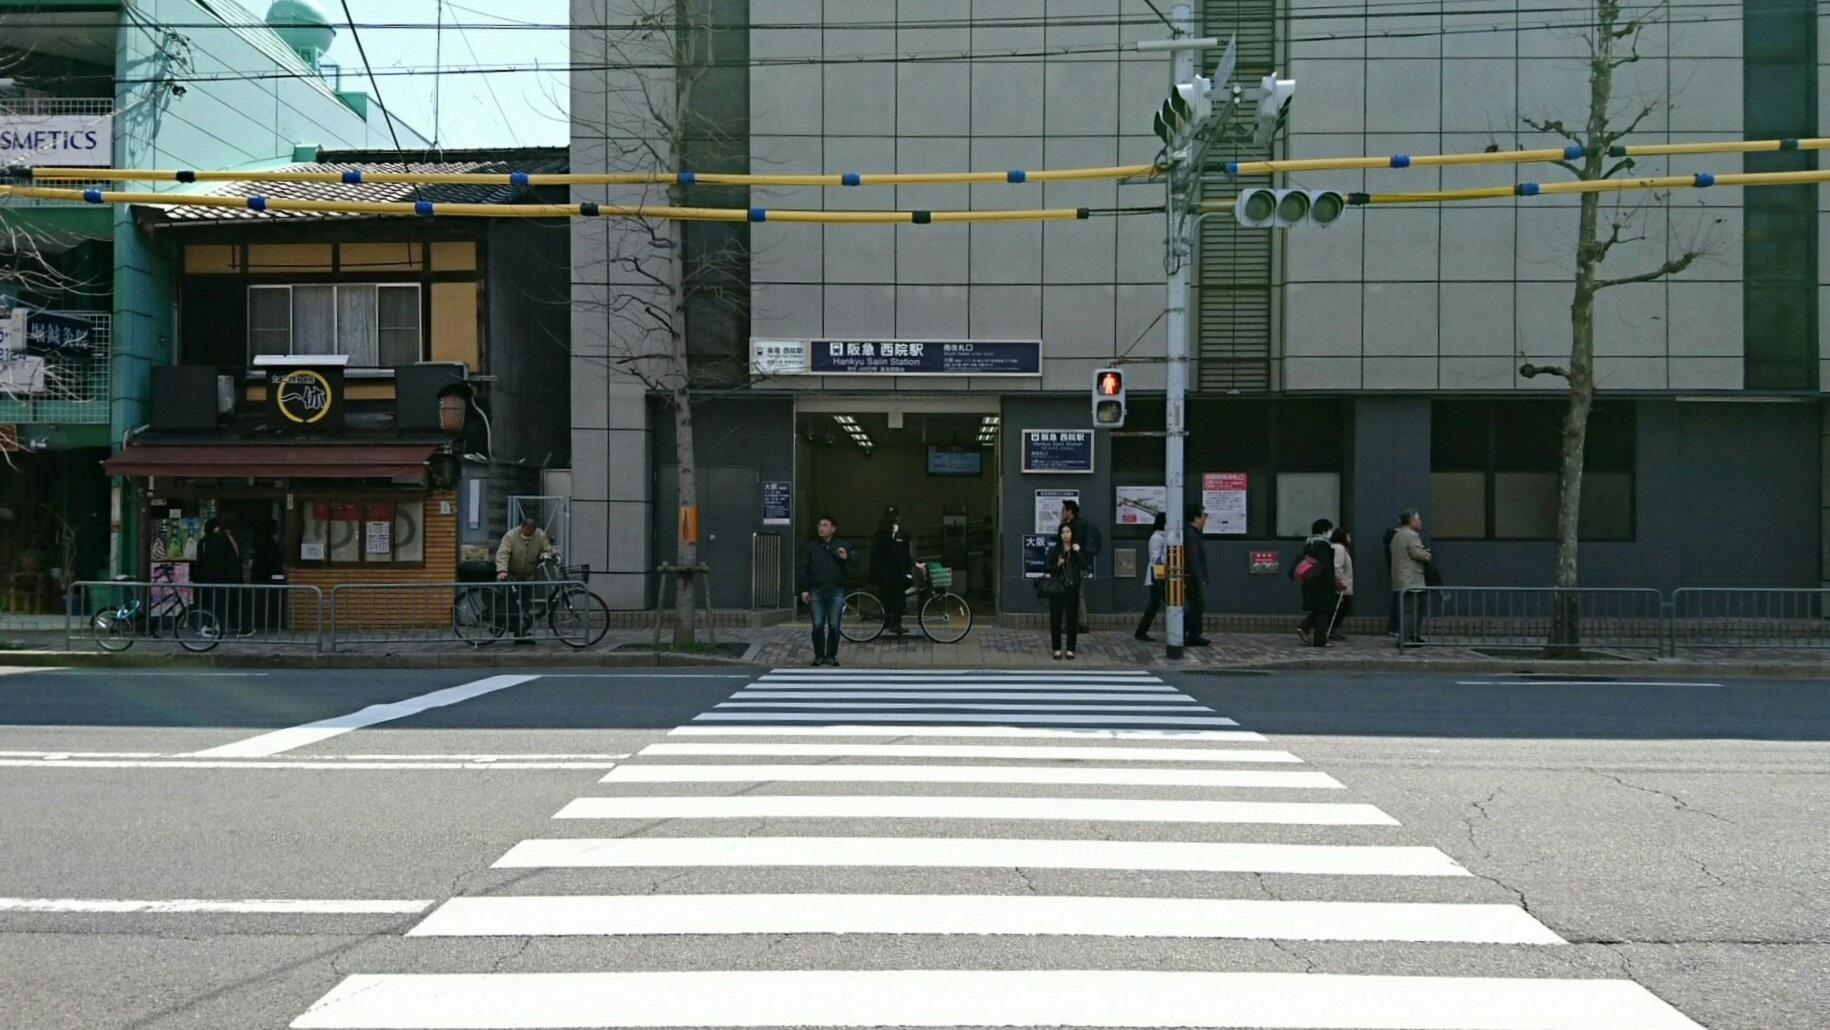 2017.4.2 西院のりかえ (5) 阪急みなみでいりぐち 1830-1030